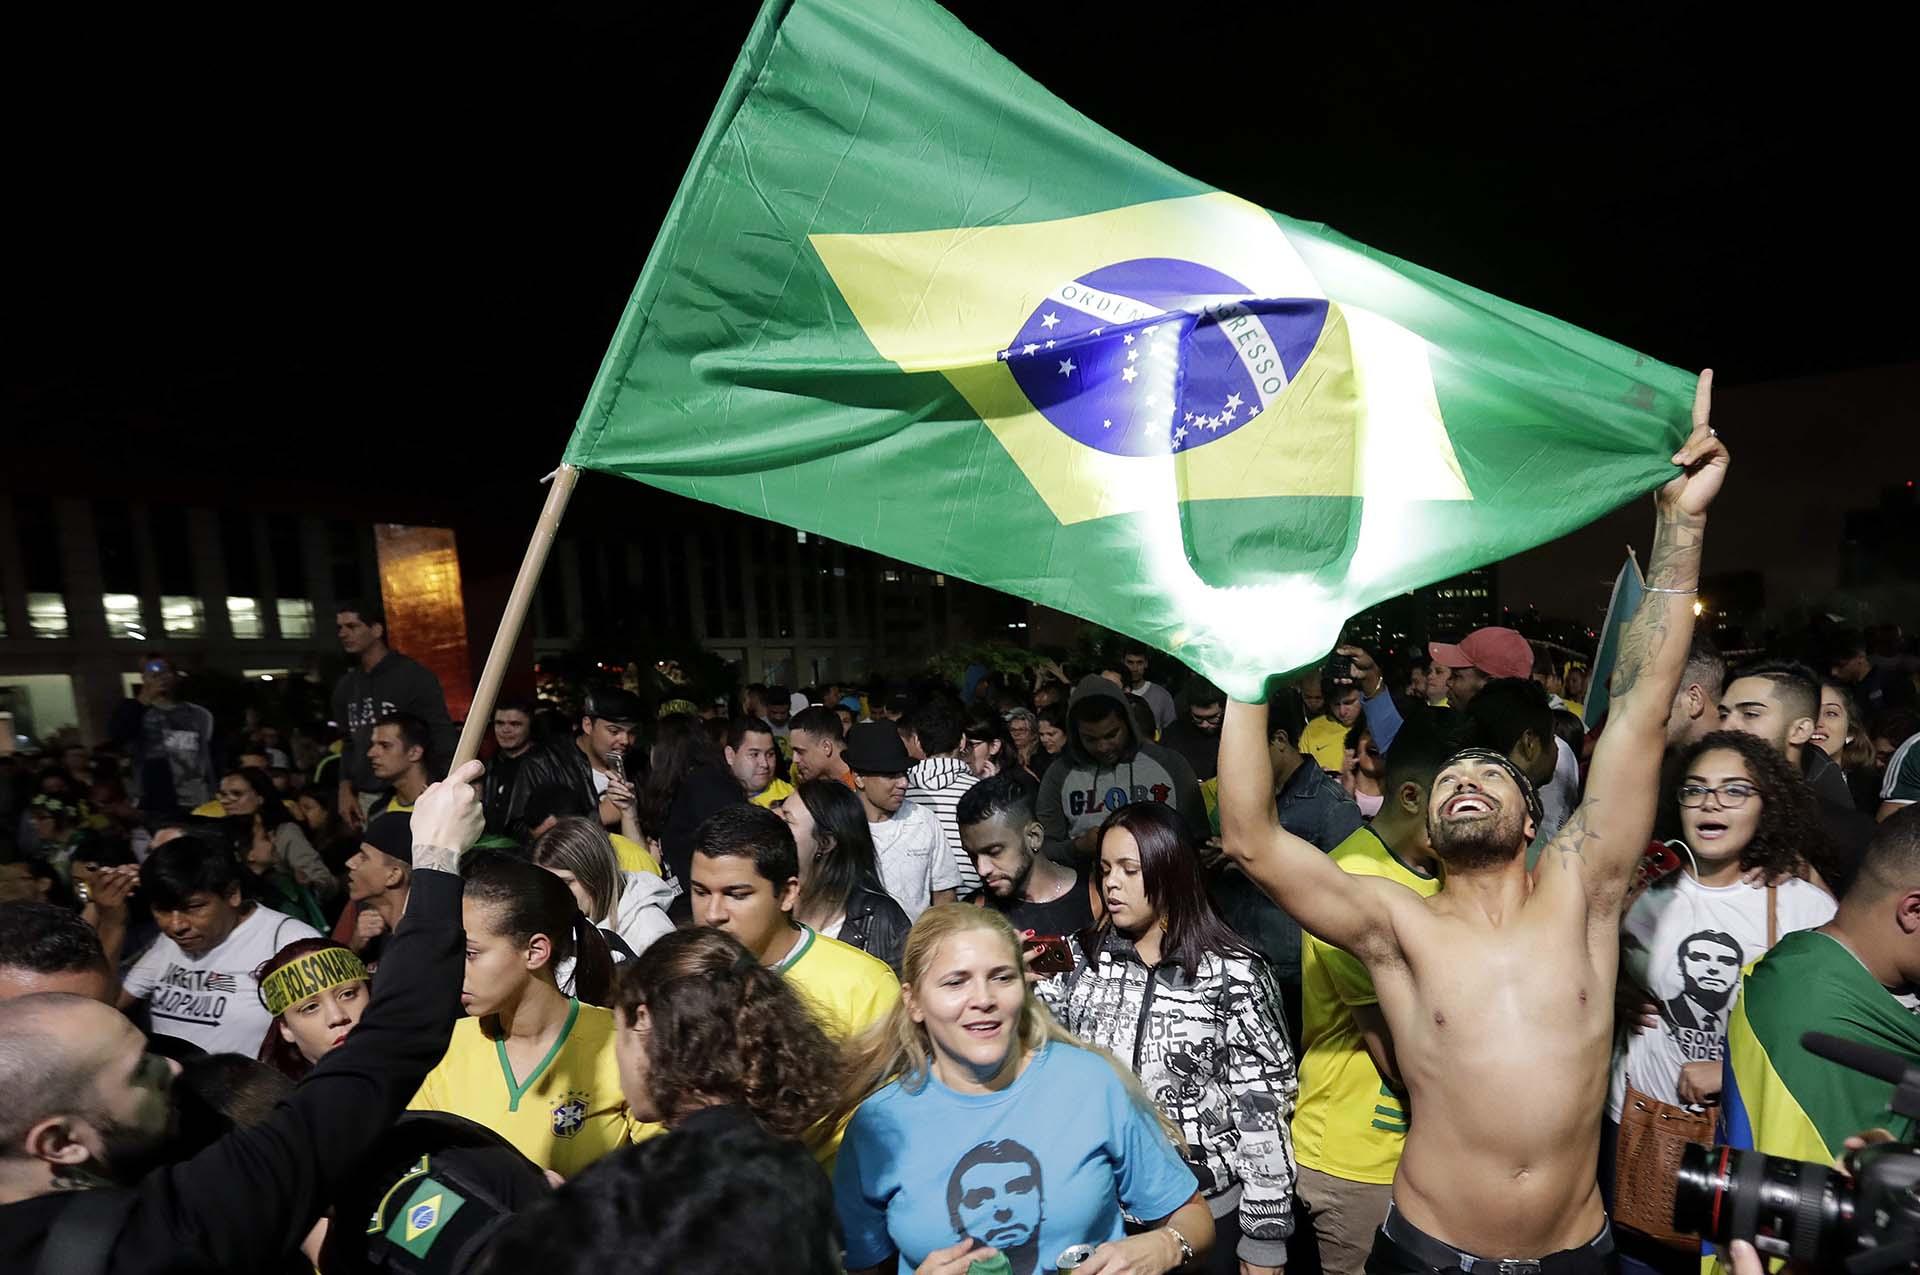 Los seguidores de Bolsonaro festejaron el triunfo en las calles de Brasil EFE/Sebastião Moreira